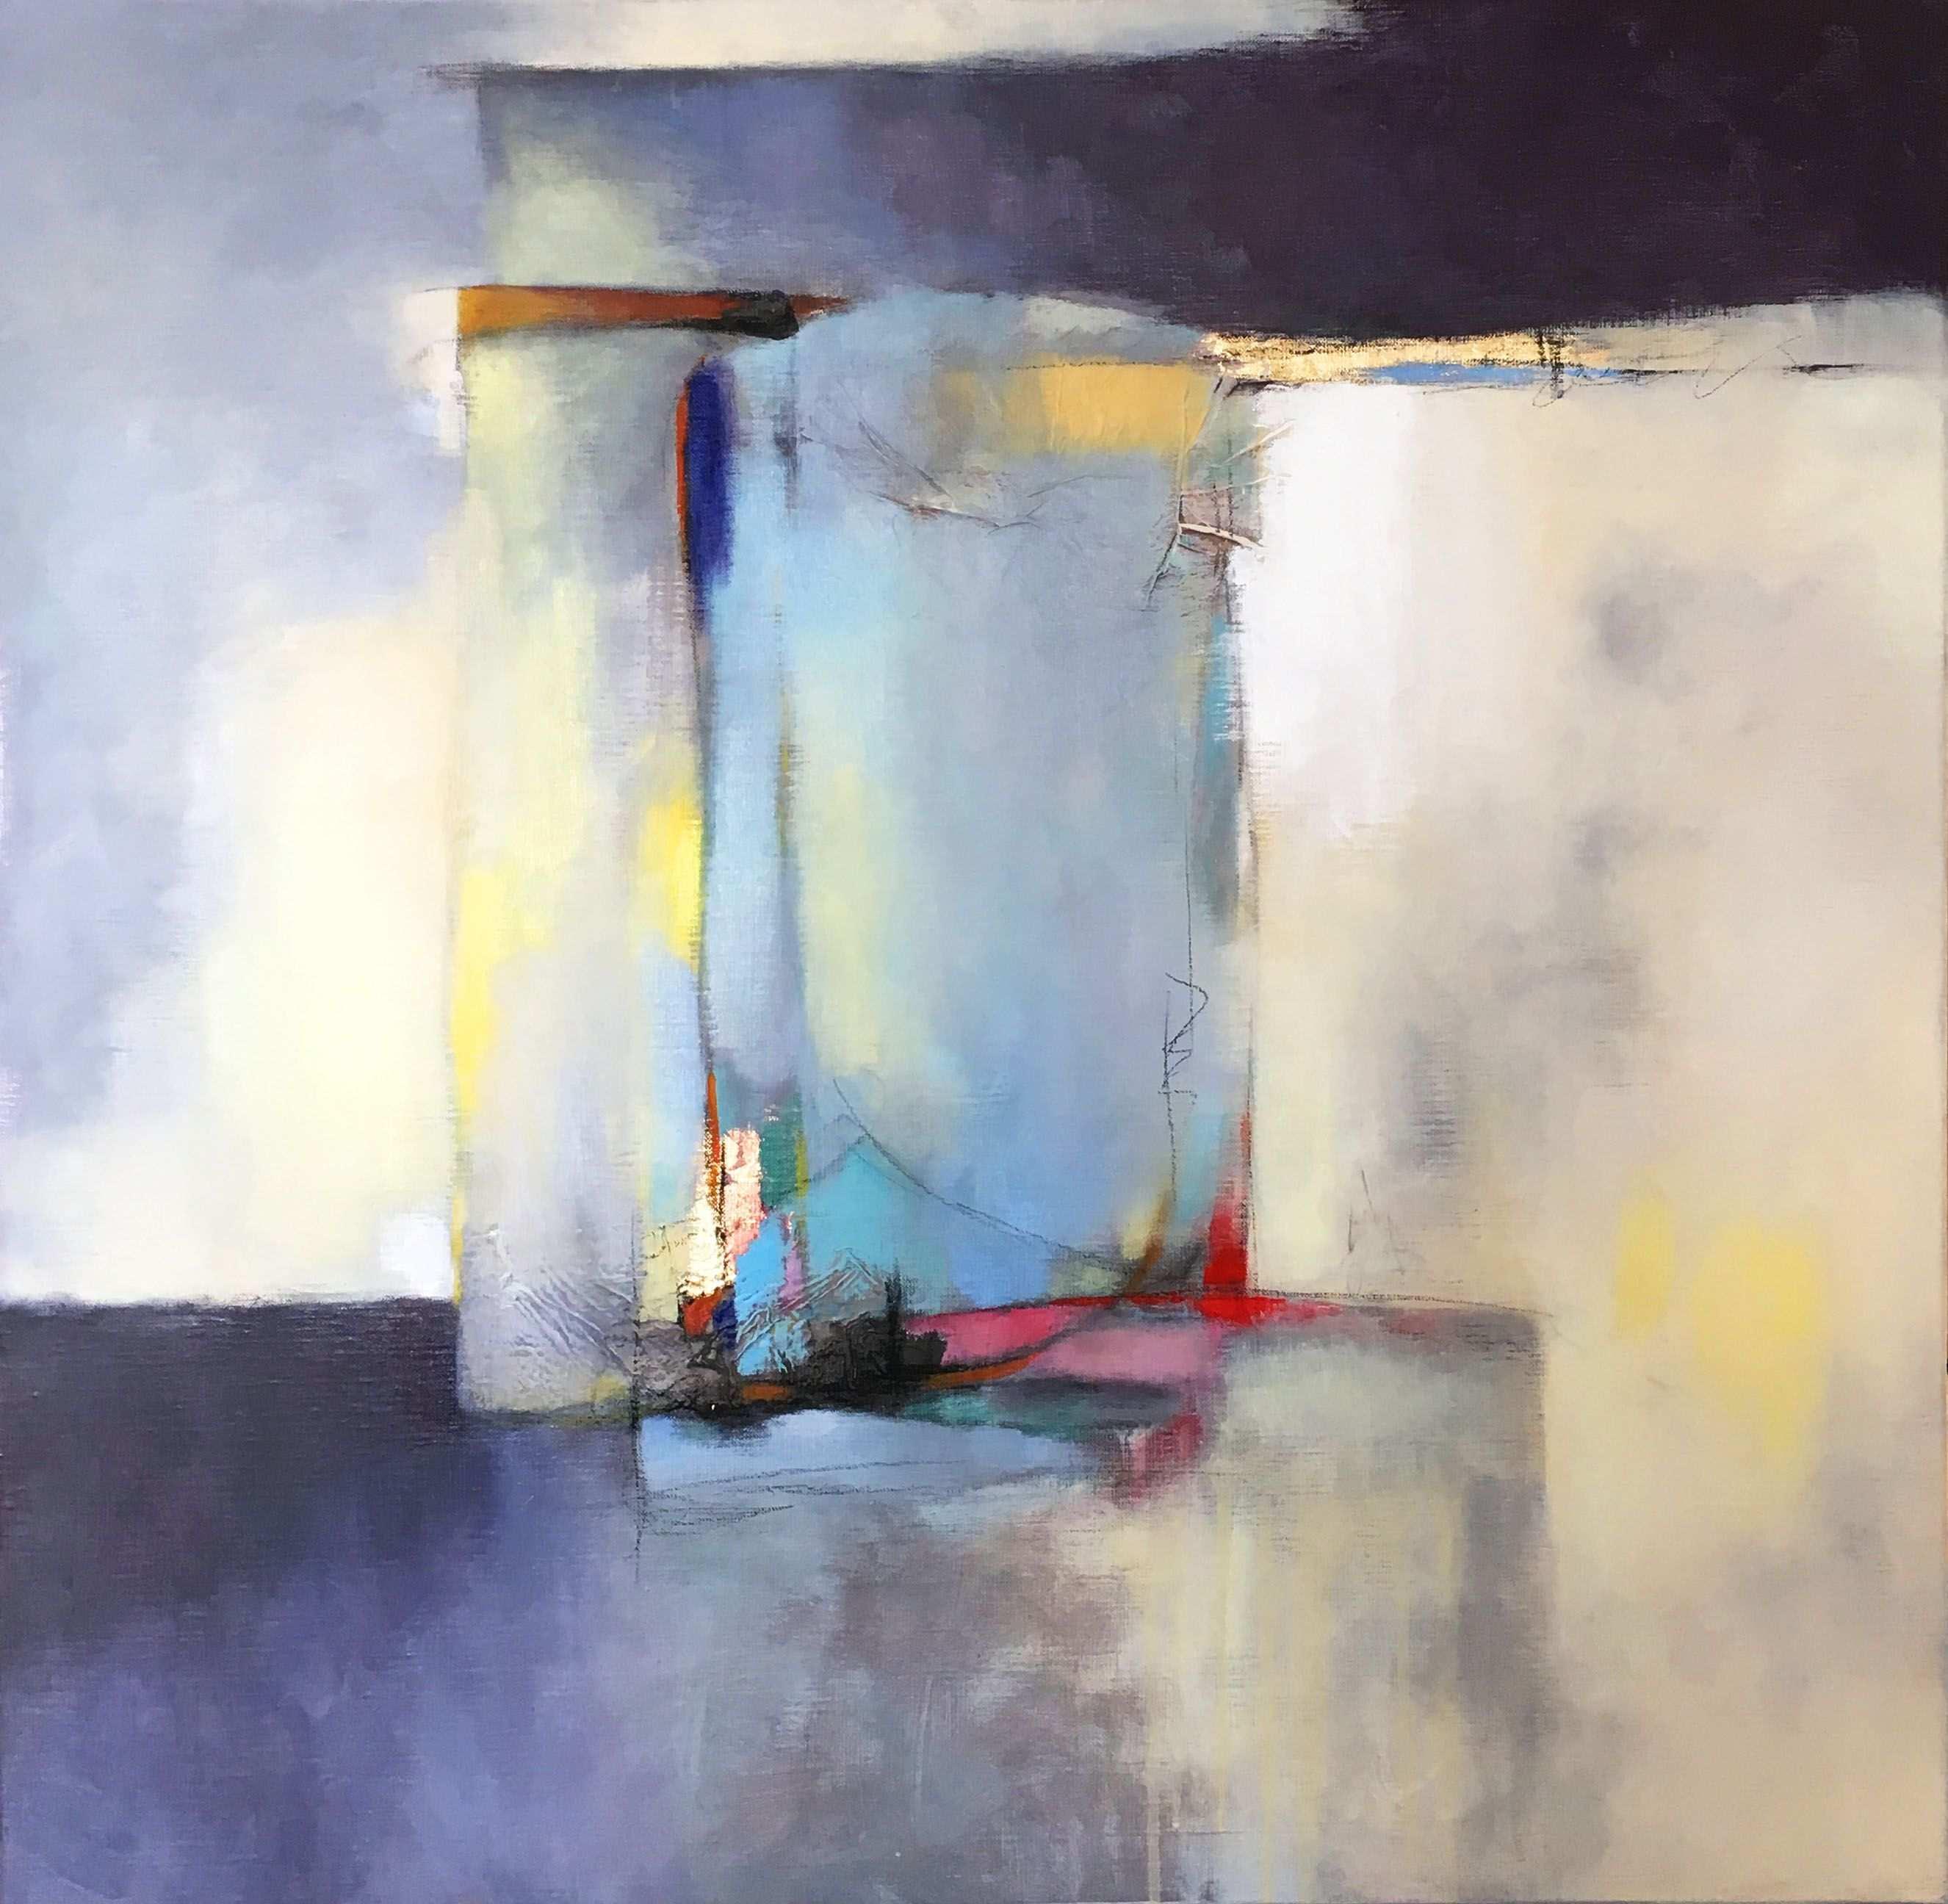 Verkauft Das Zarte Erwachen Ol Leinwand Abstract Struktur Contemporaryart Abstraktekunst Artwork G Abstrakt Acrylmalerei Abstrakt Abstrakte Malerei